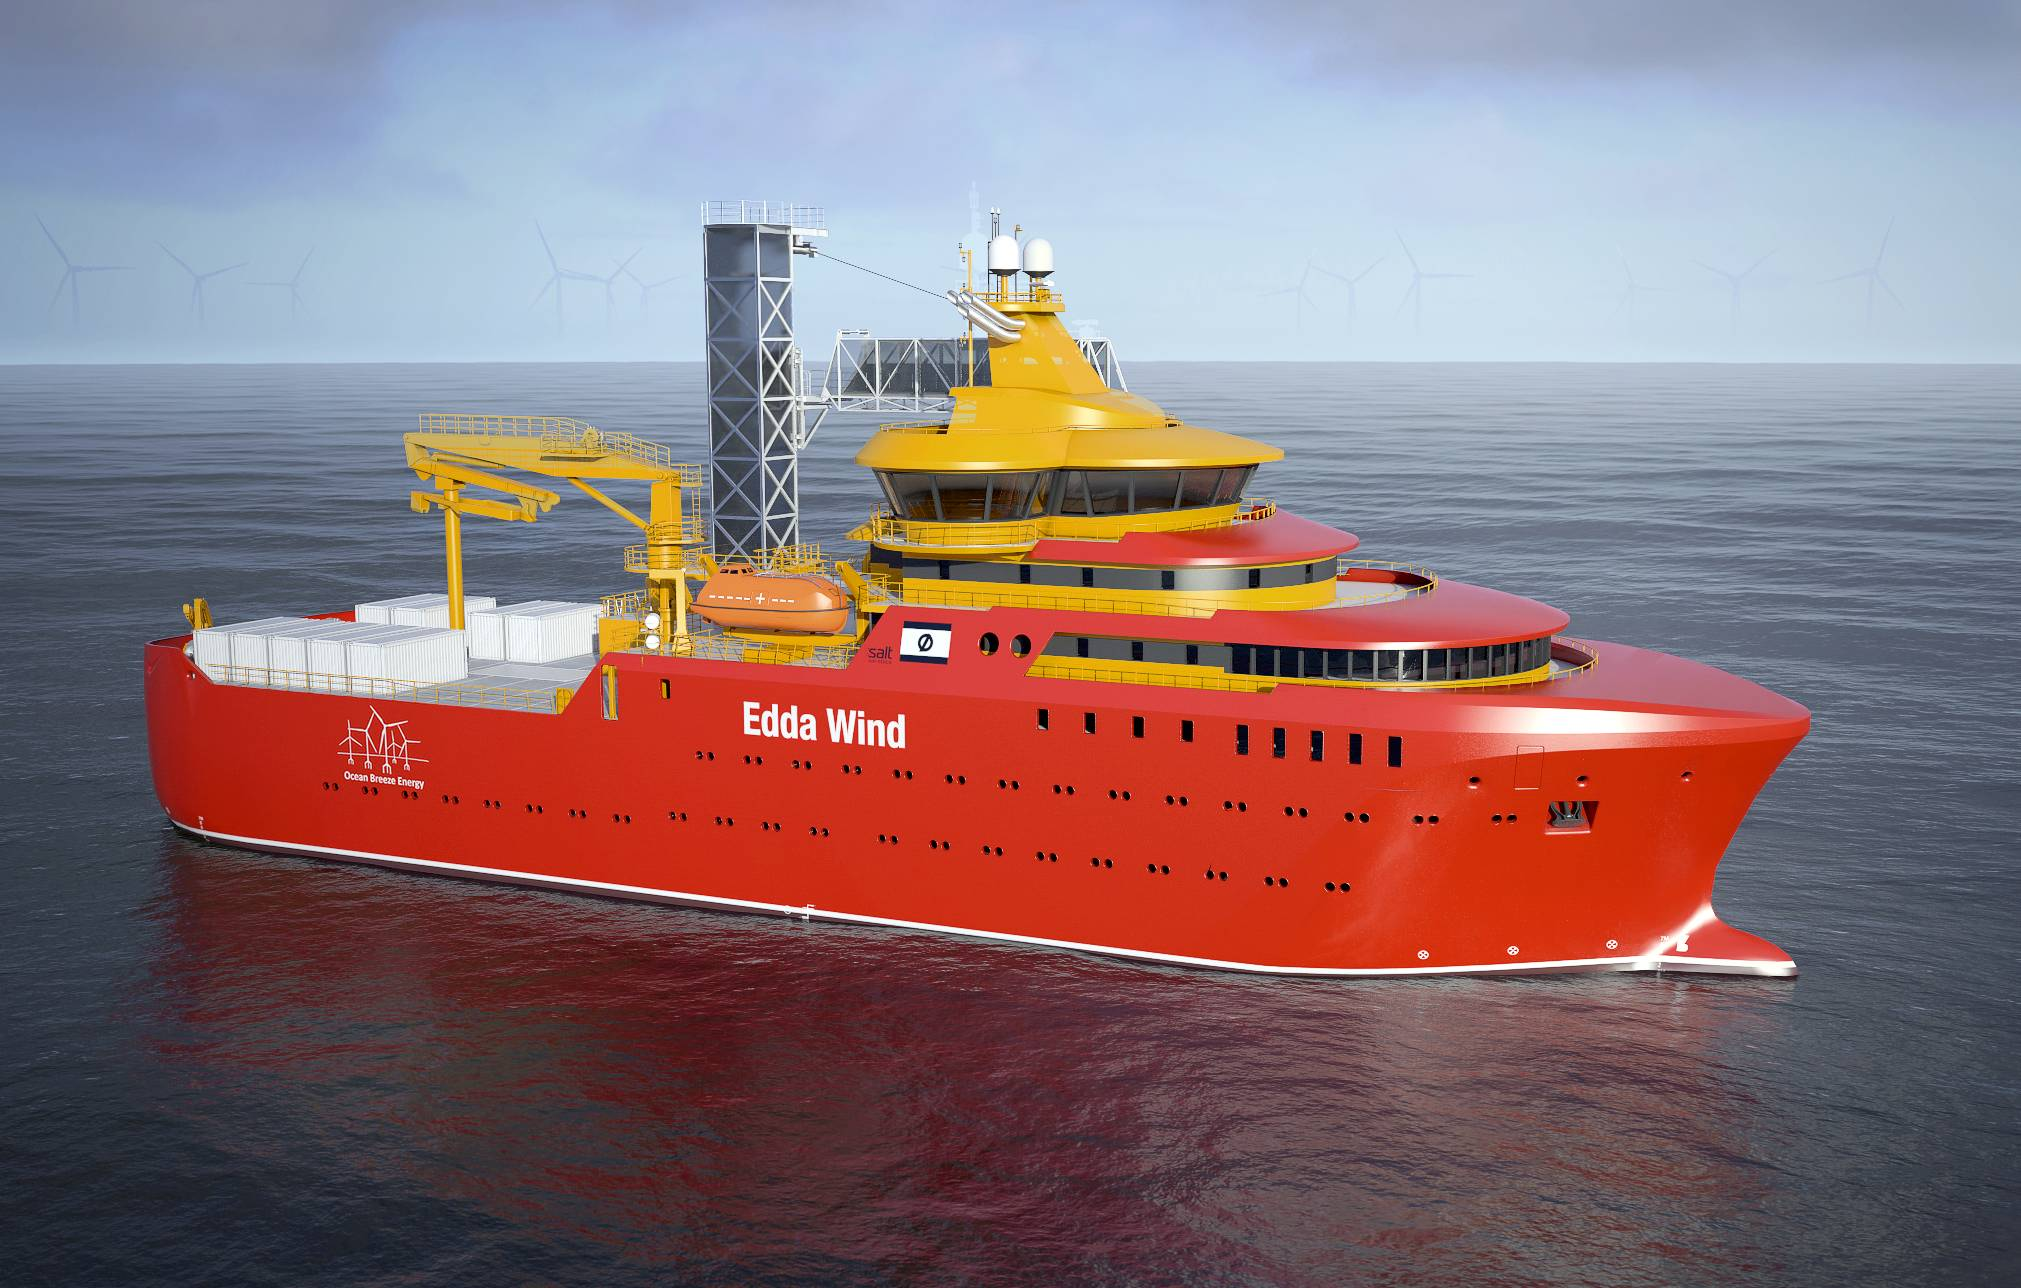 """Gondán construye dos barcos llamados a ser """"los más ecológicos y eficientes del mundo de su tipo"""""""